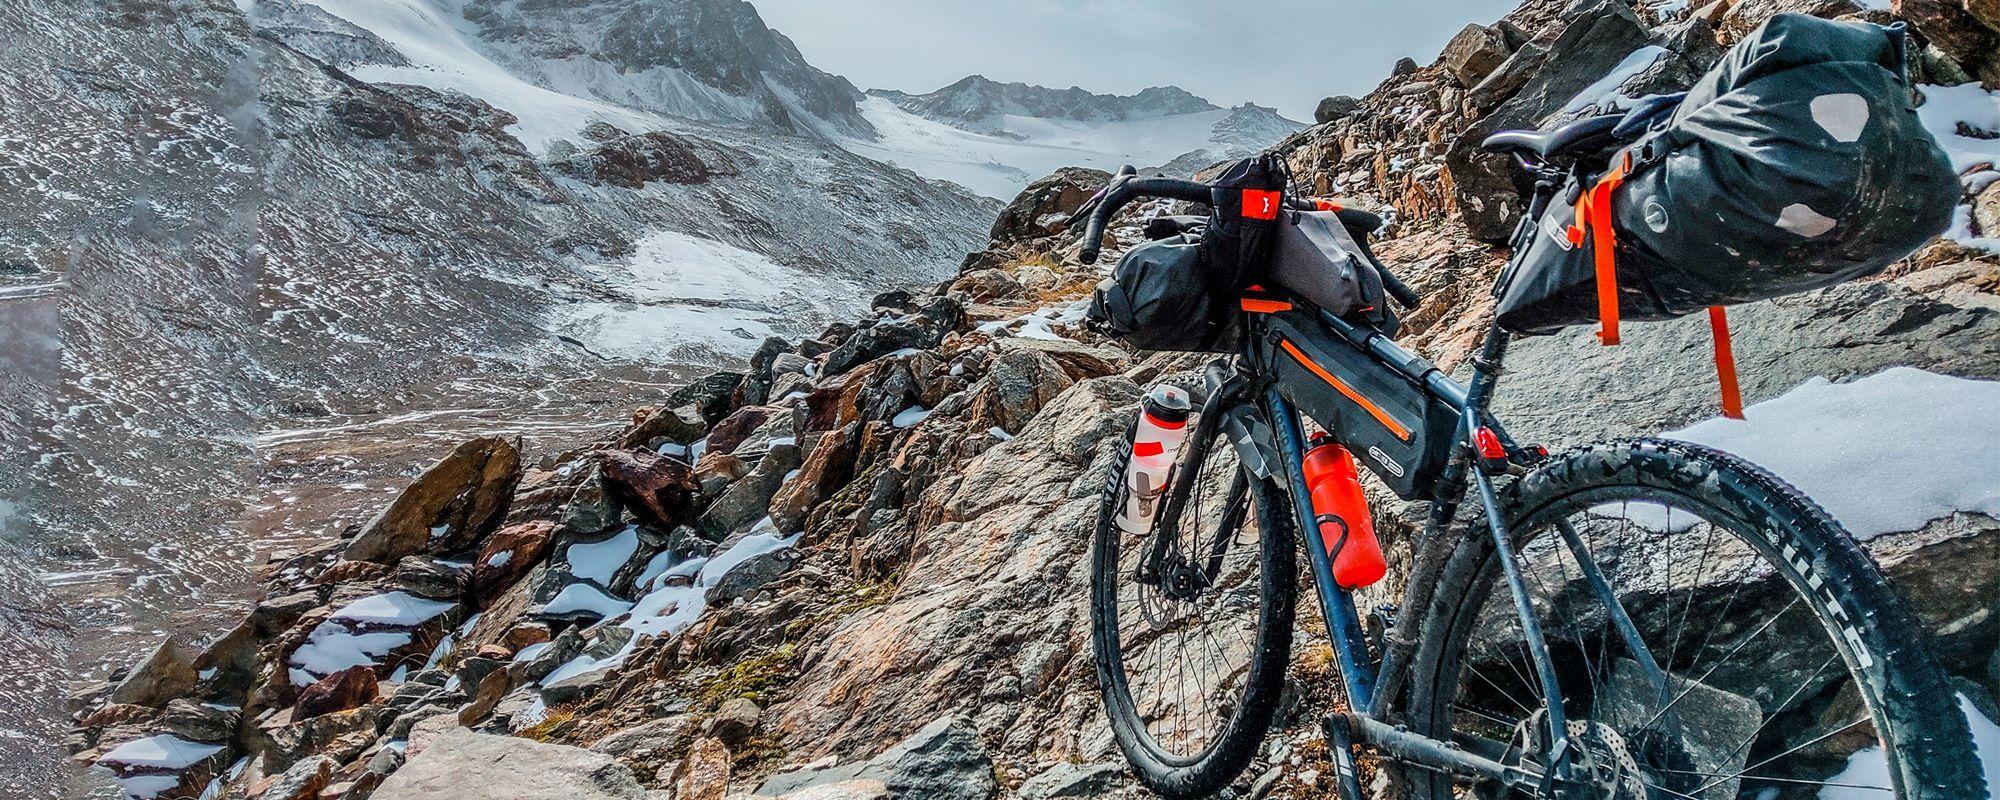 Hochalpine Bikepacking Transalp Route über die Ötztaler Alpen (Route und alle Infos)